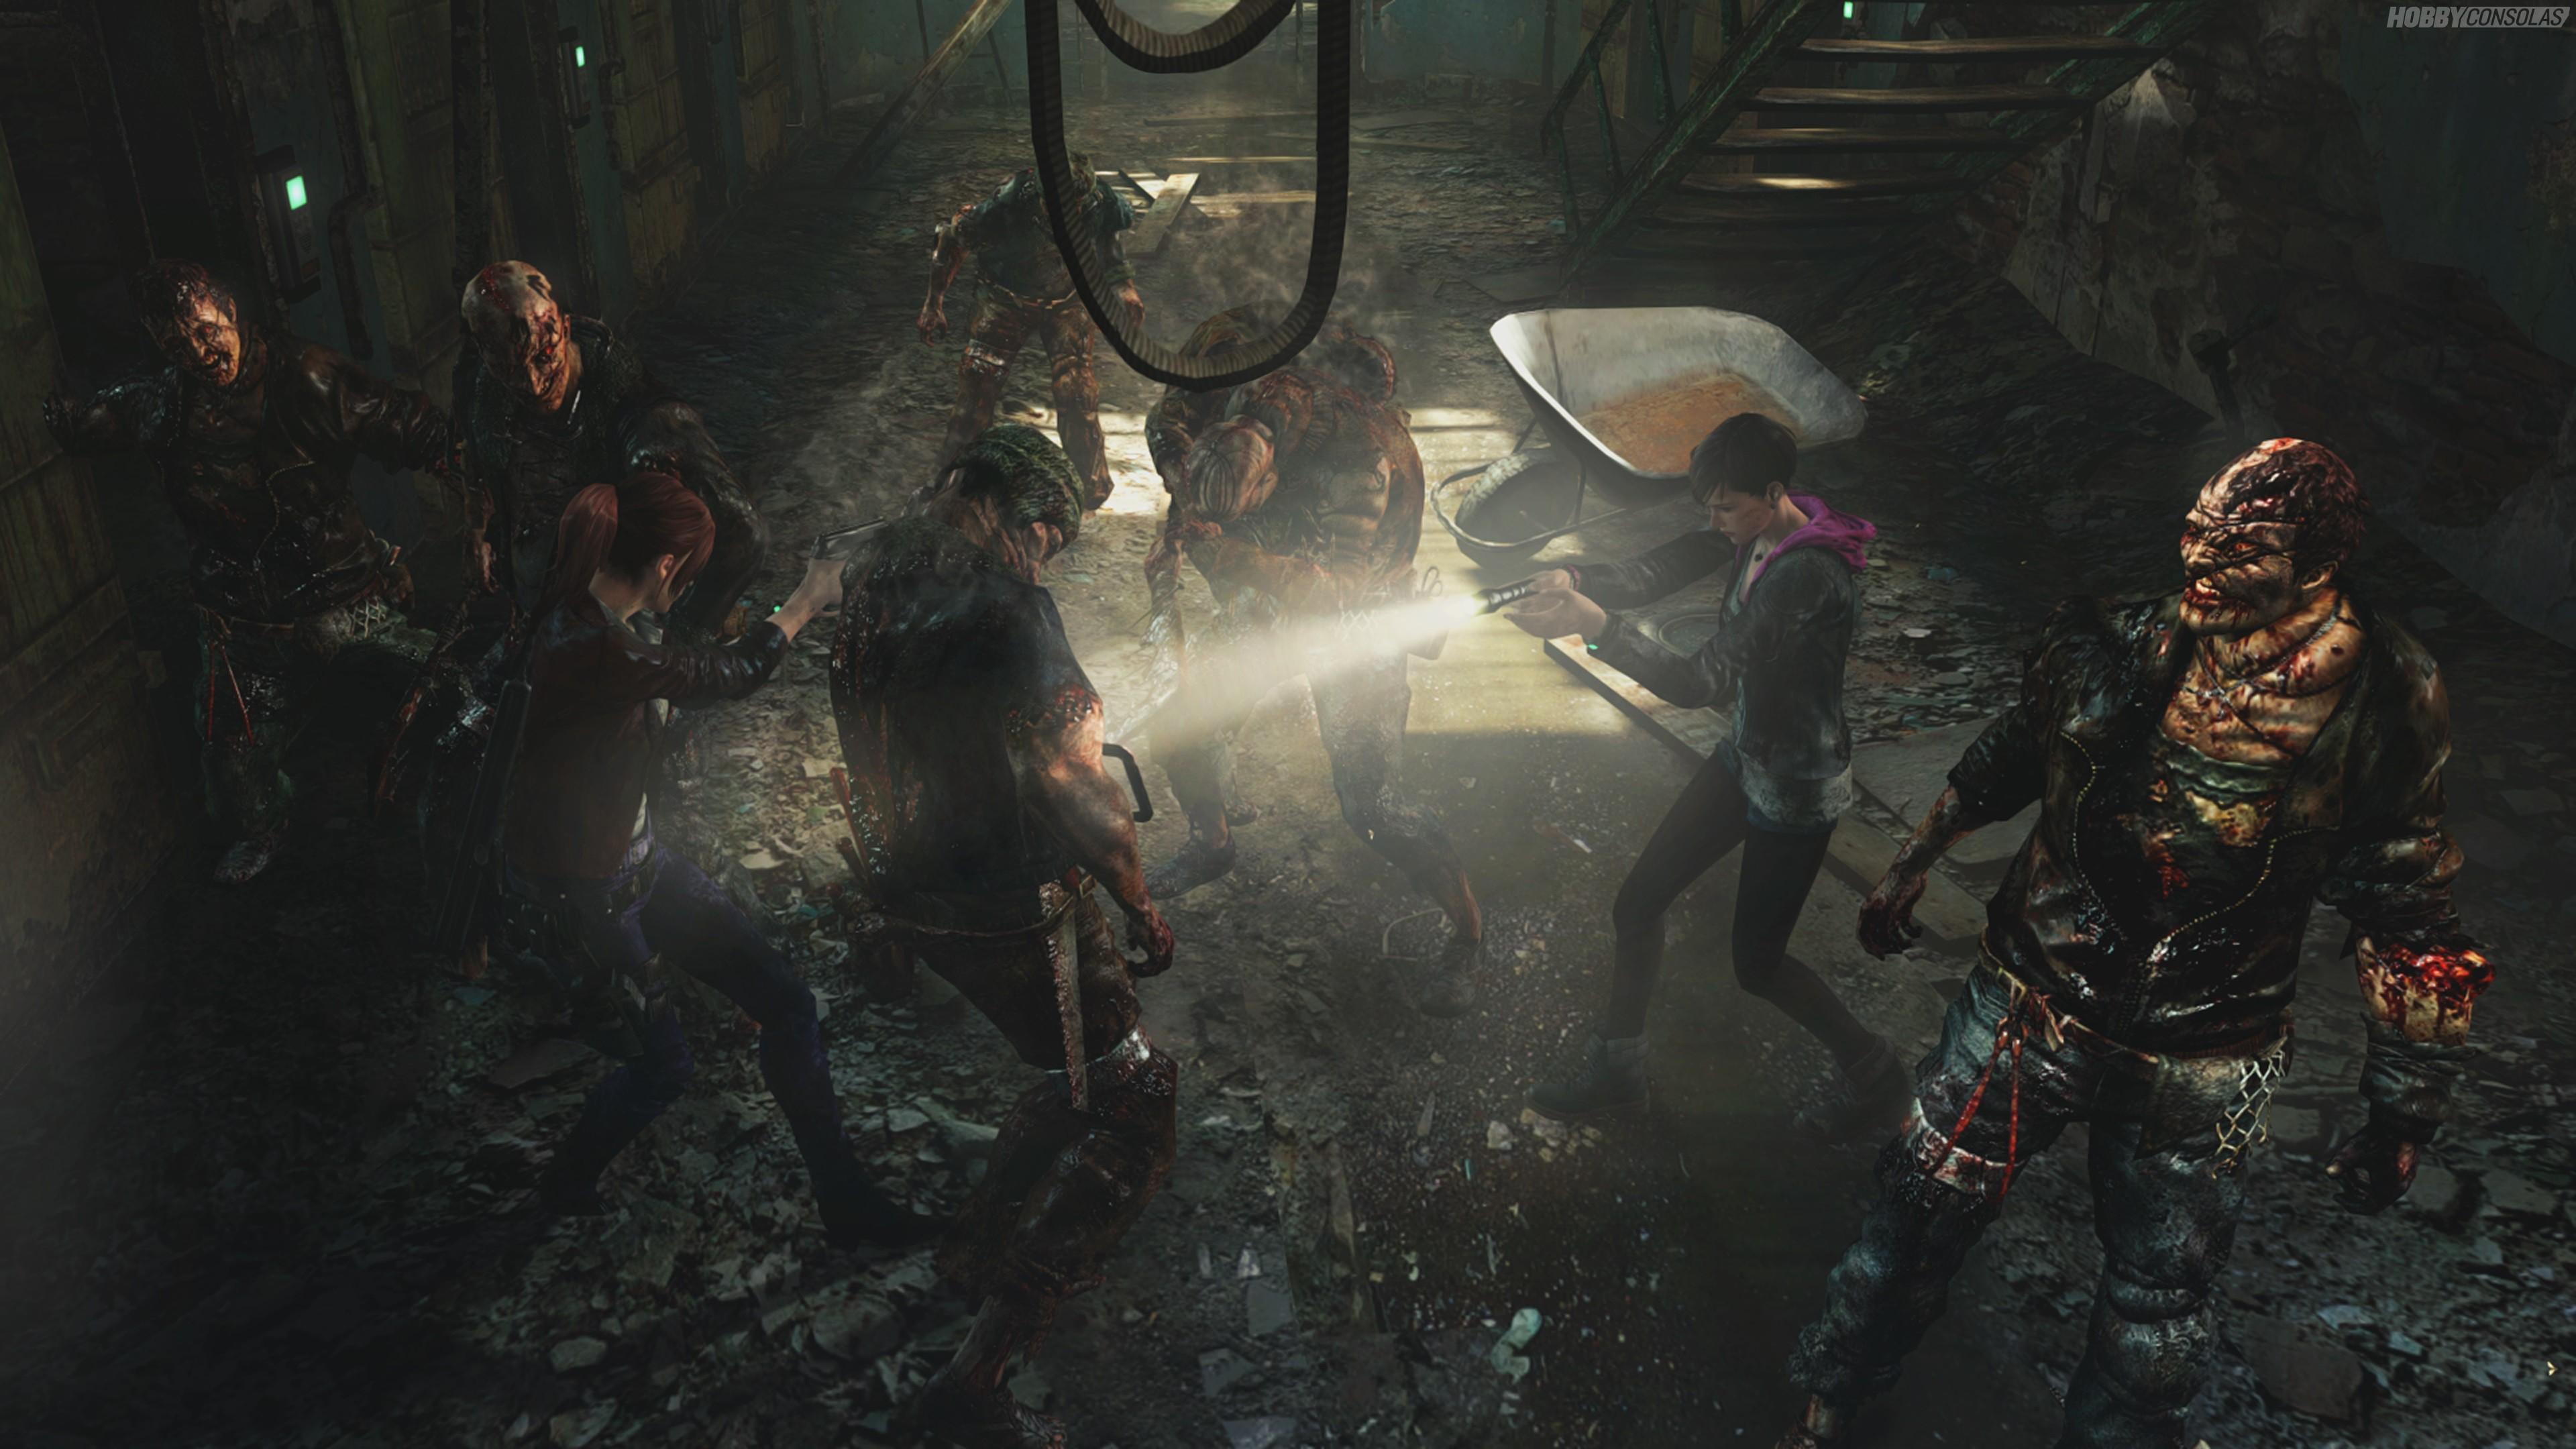 Wallpaper Resident Evil Revelations 2 Episode 2 Survival Horror